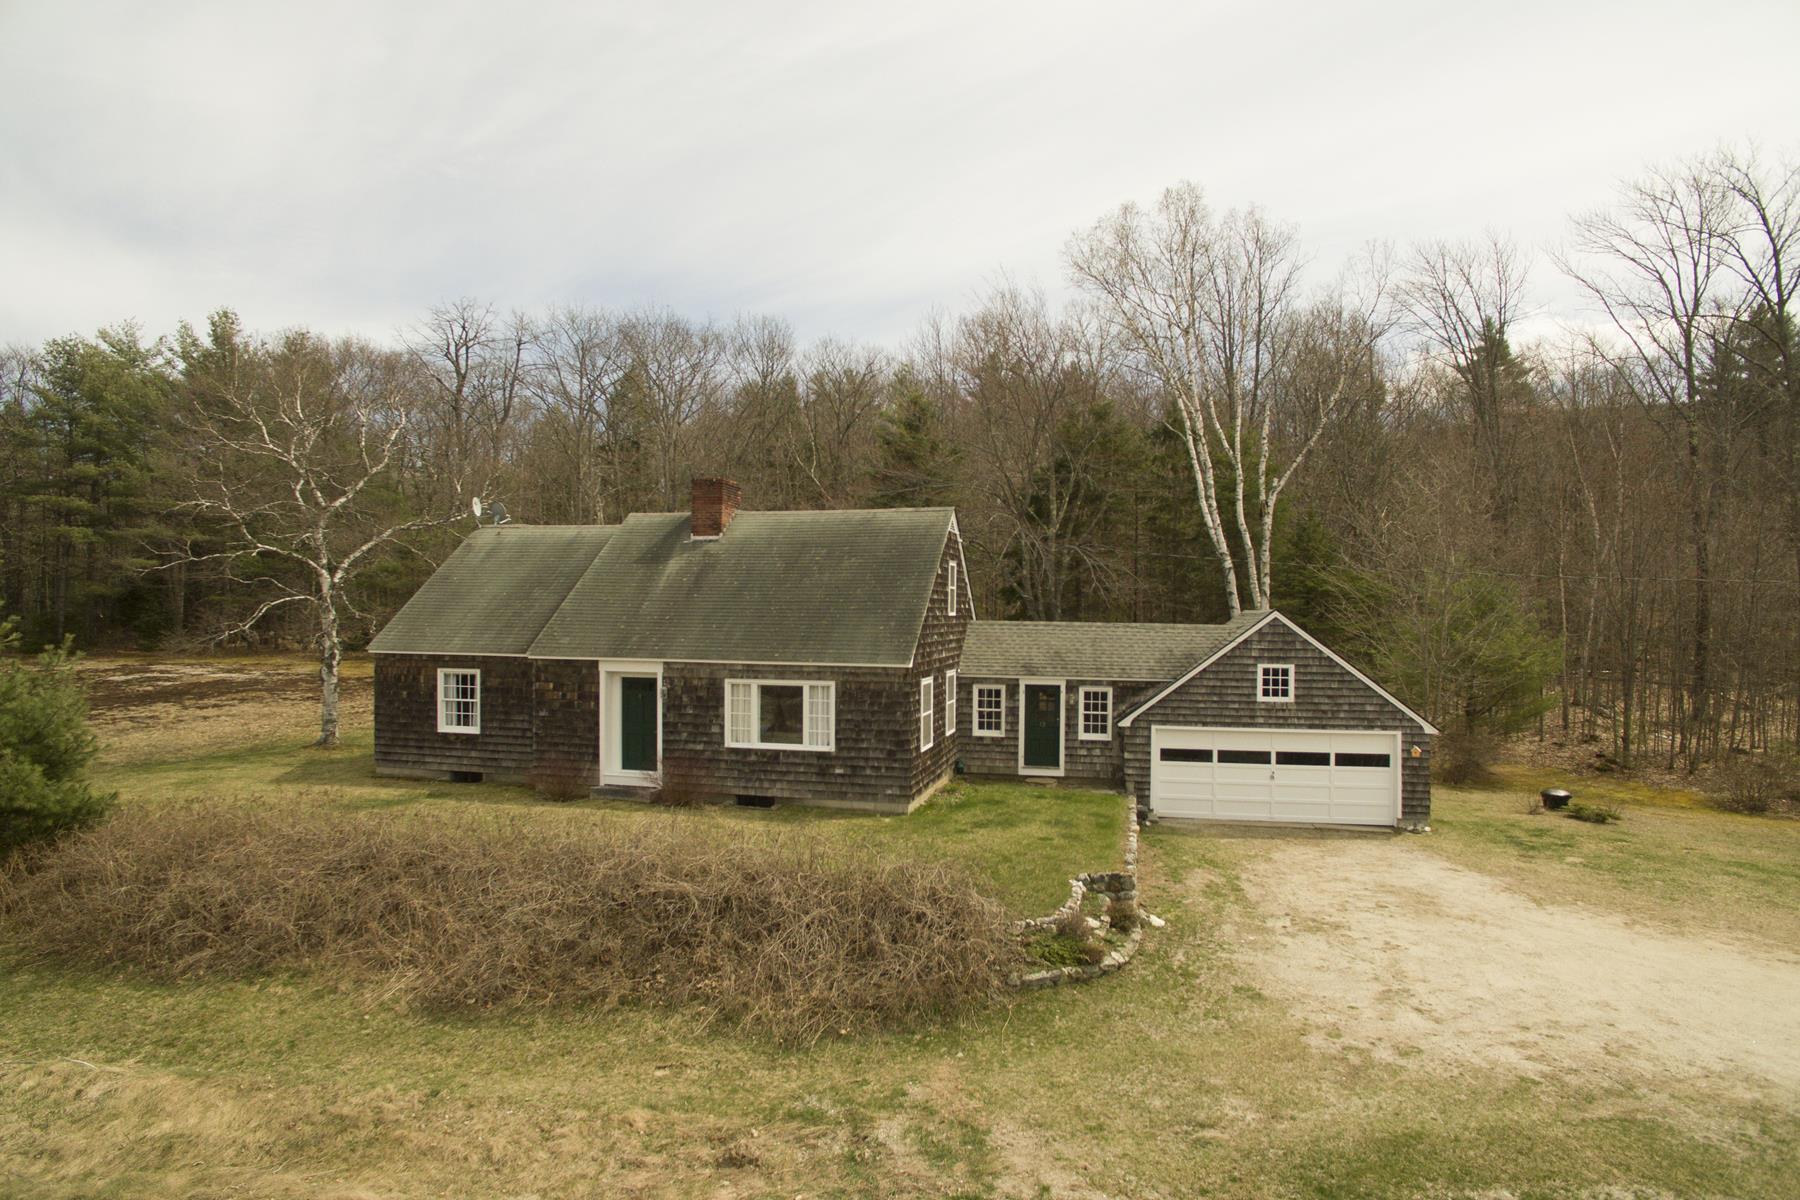 단독 가정 주택 용 매매 에 12 Johnson Farm Rd, Newbury Newbury, 뉴햄프셔, 03255 미국